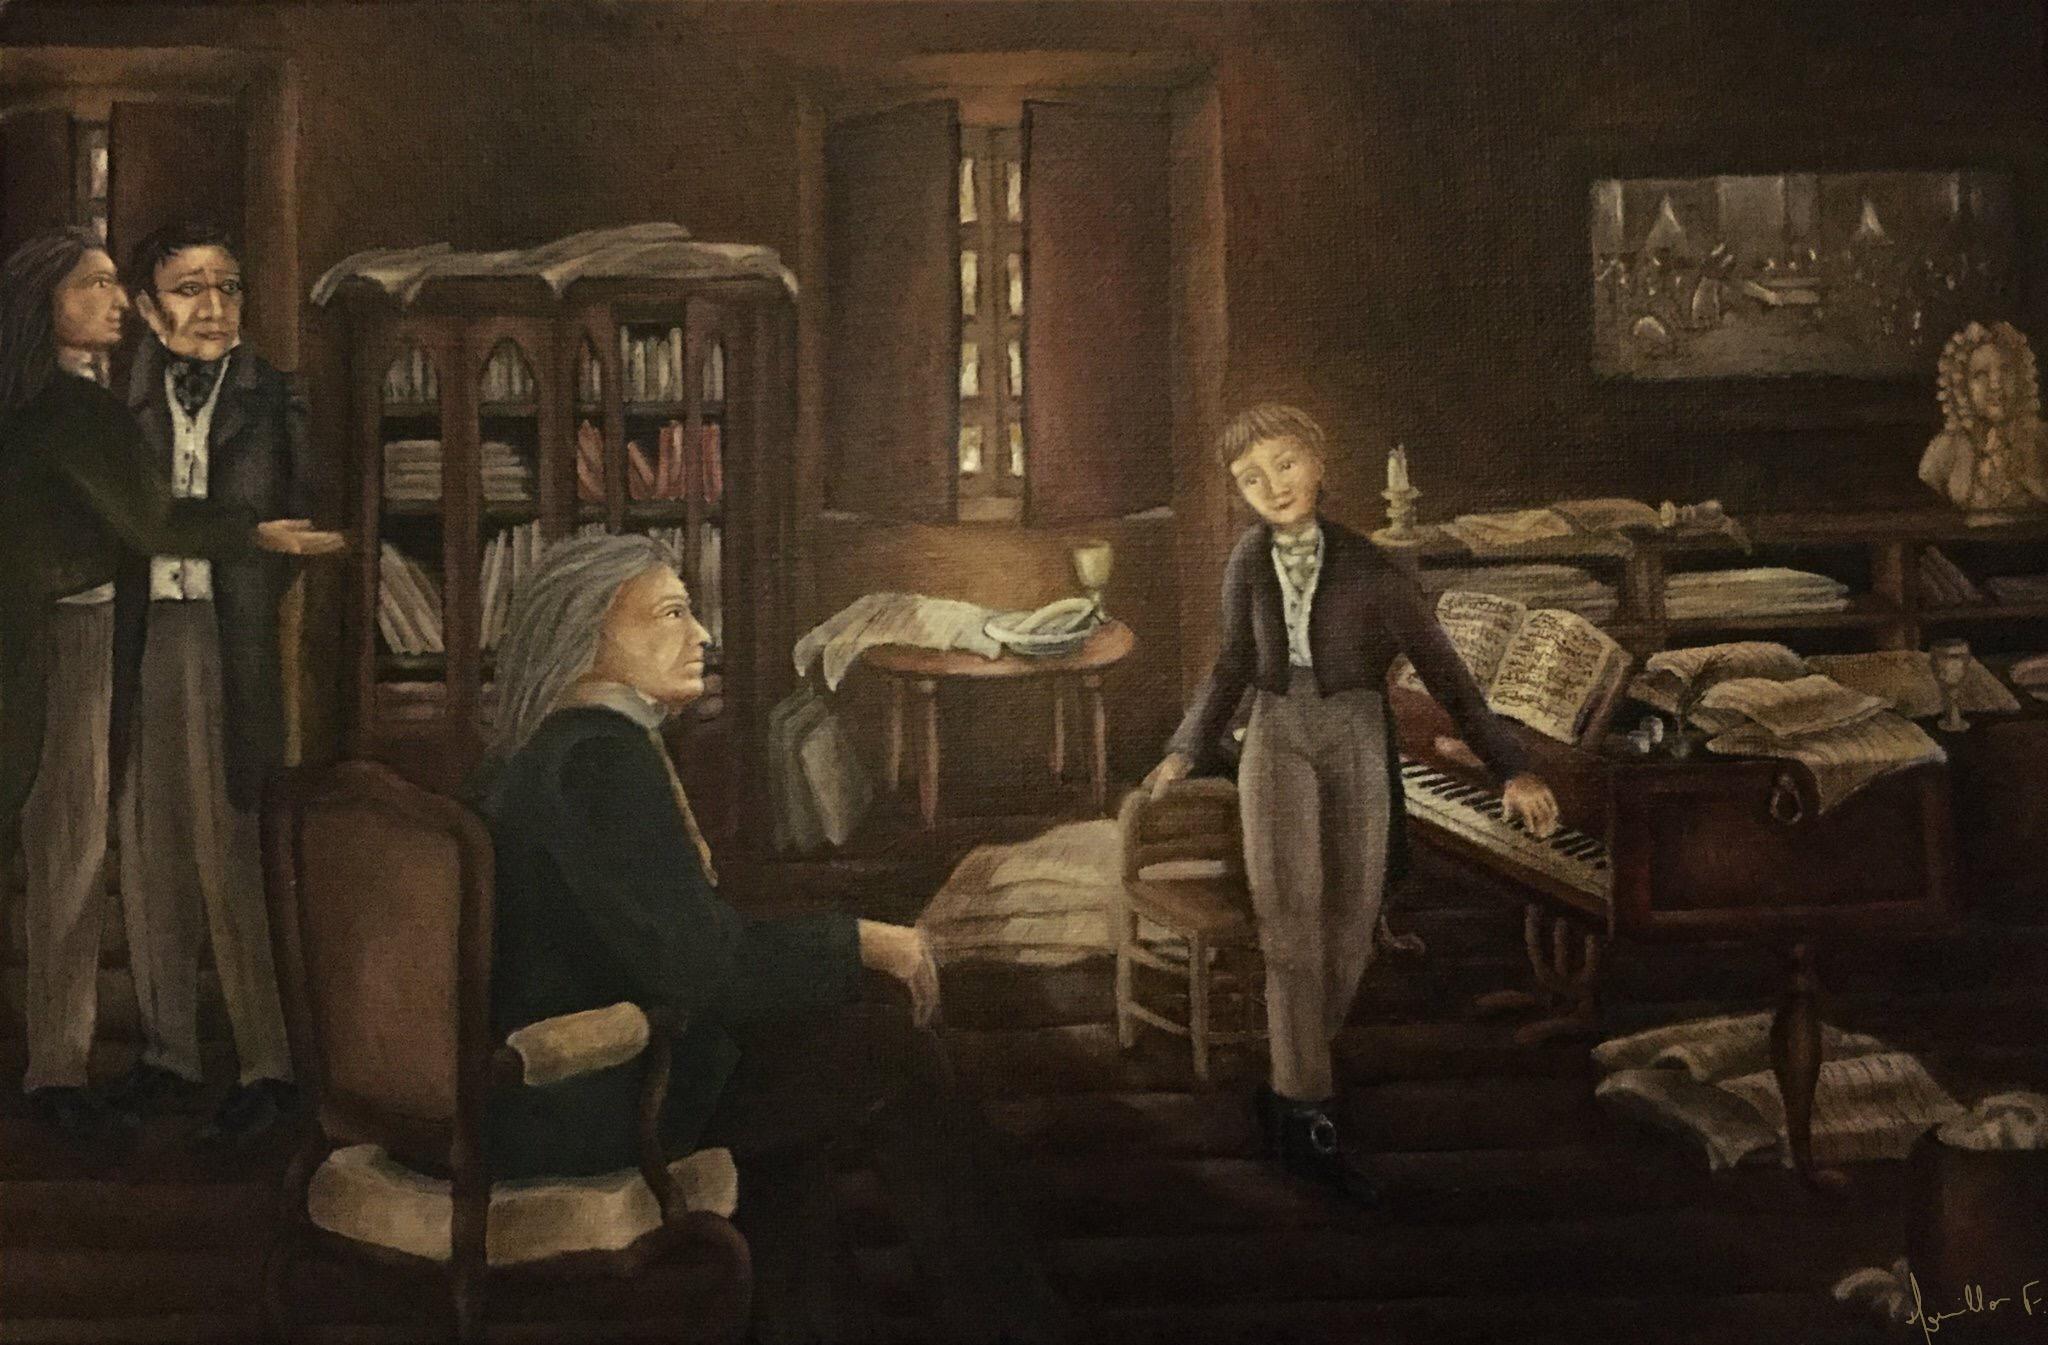 La rencontre de Liszt et Beethoven